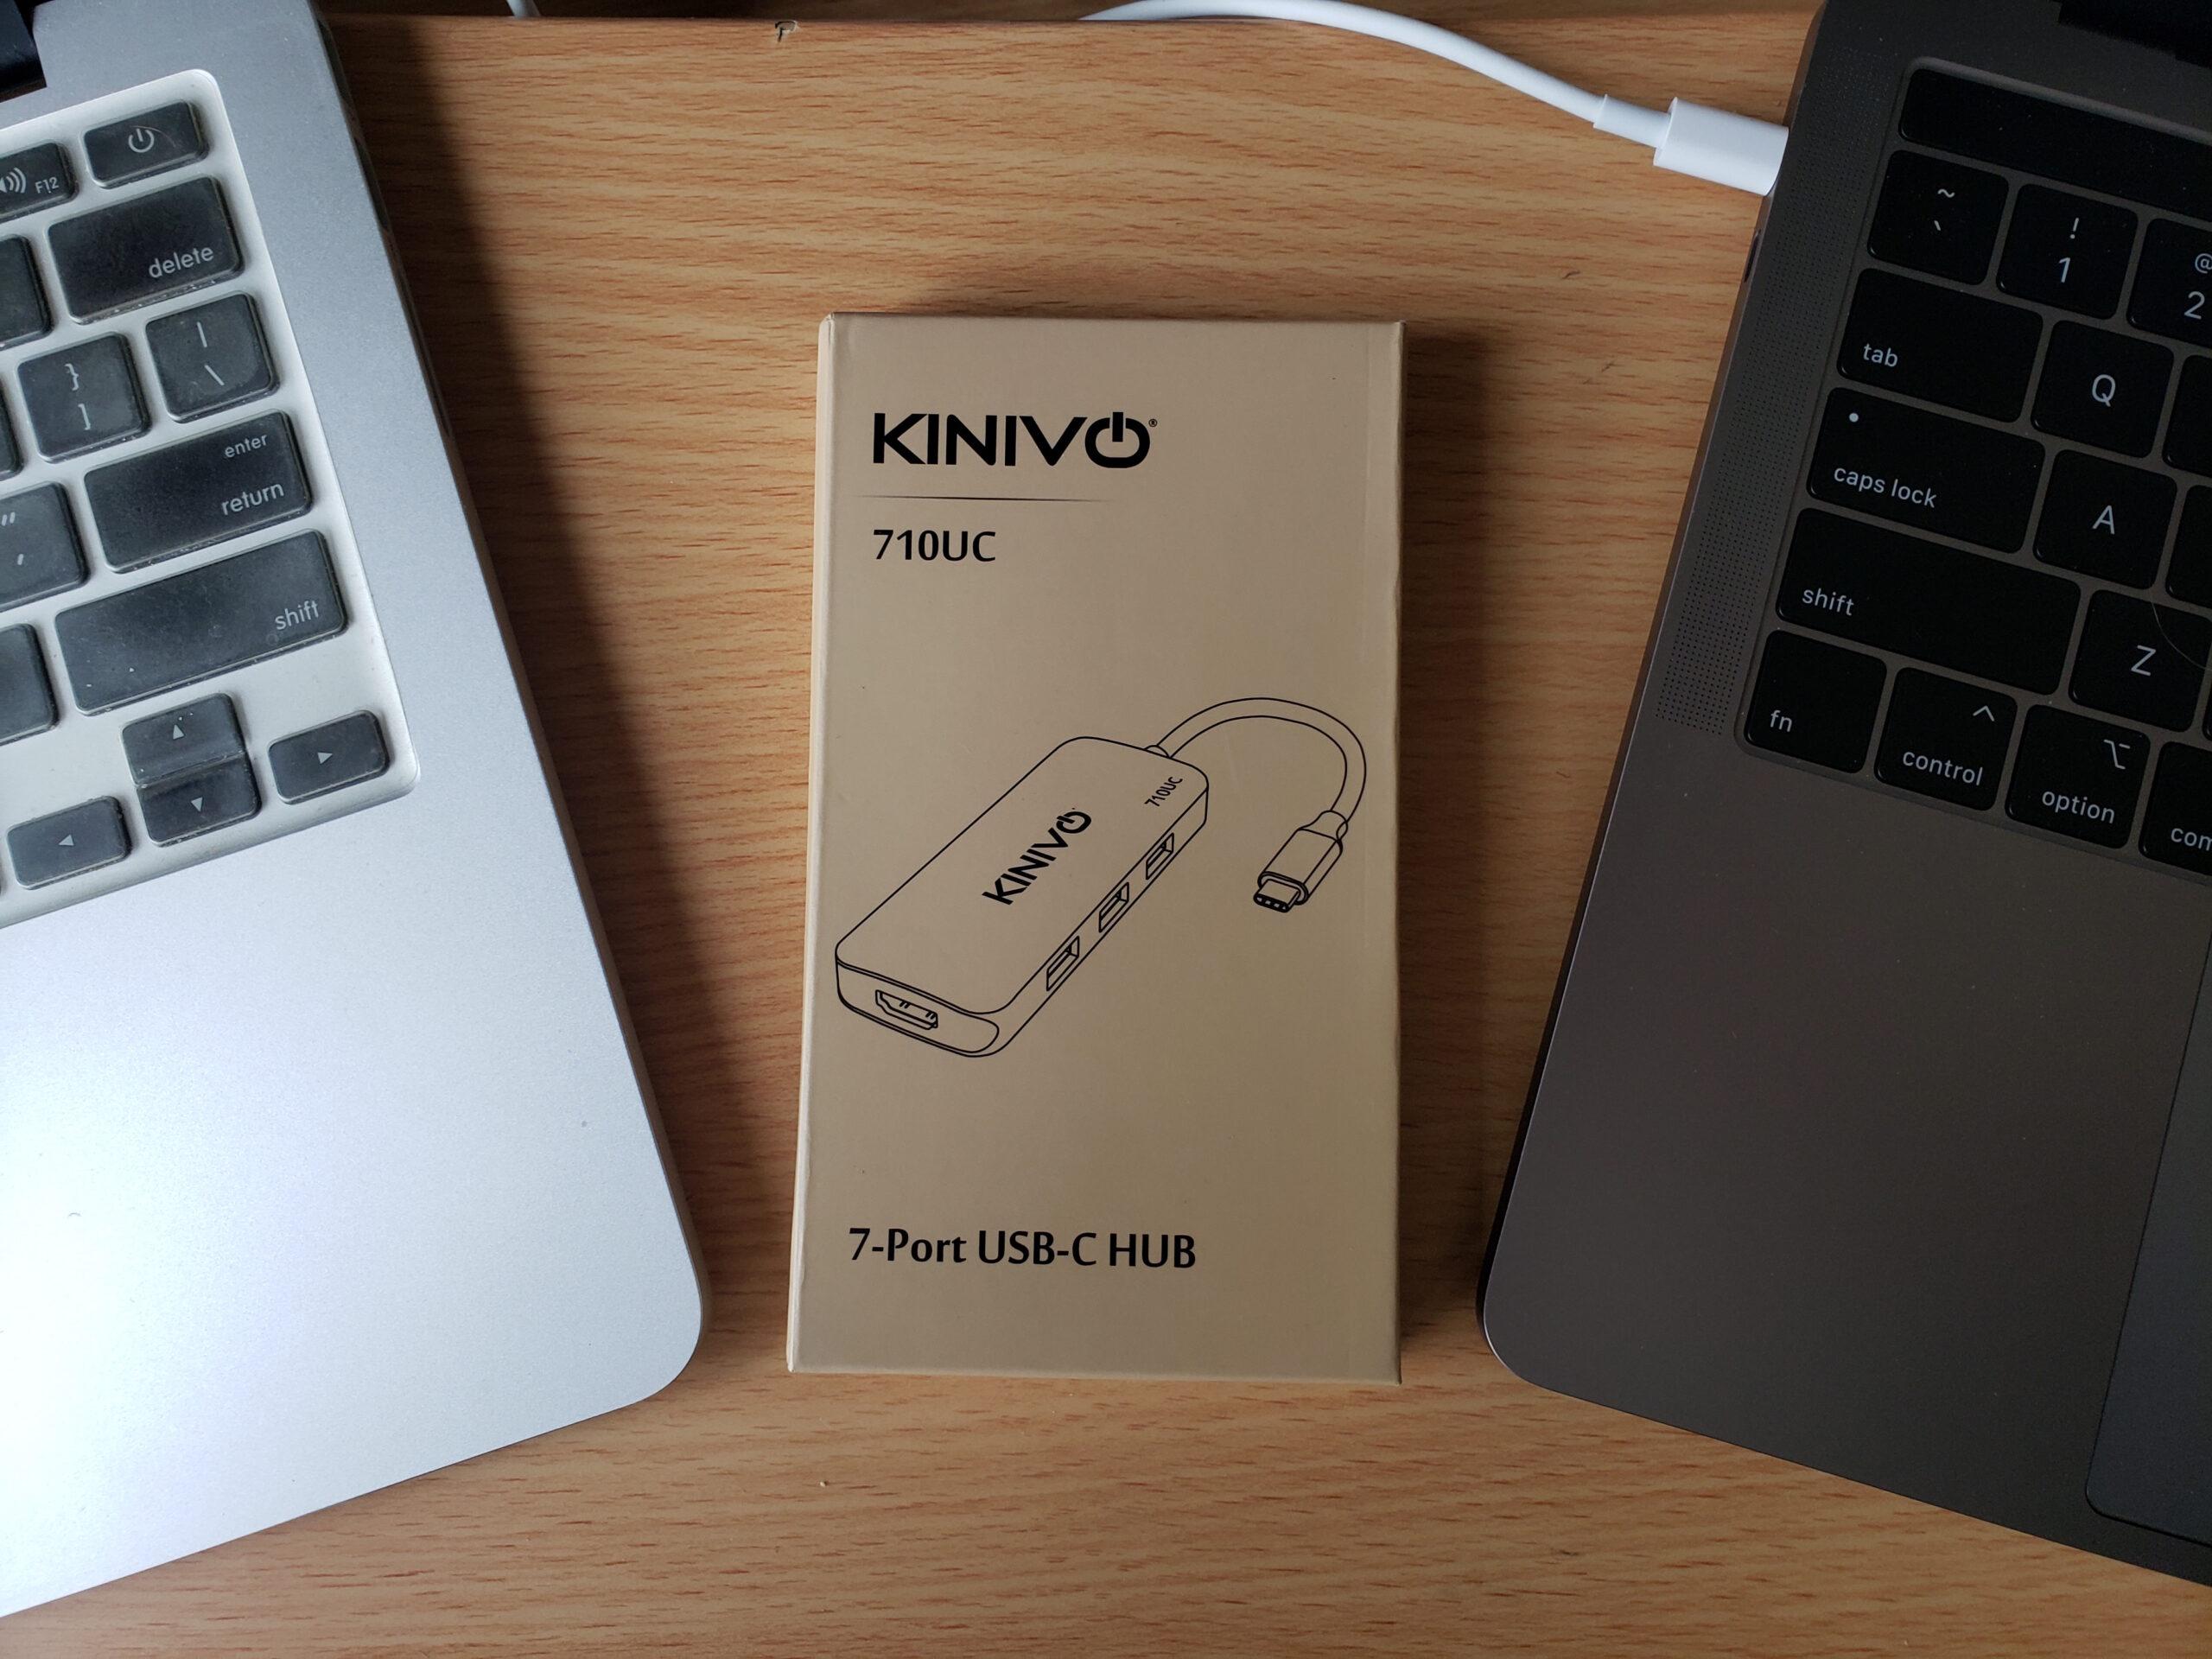 Kinivo 710UC USB-C Hub